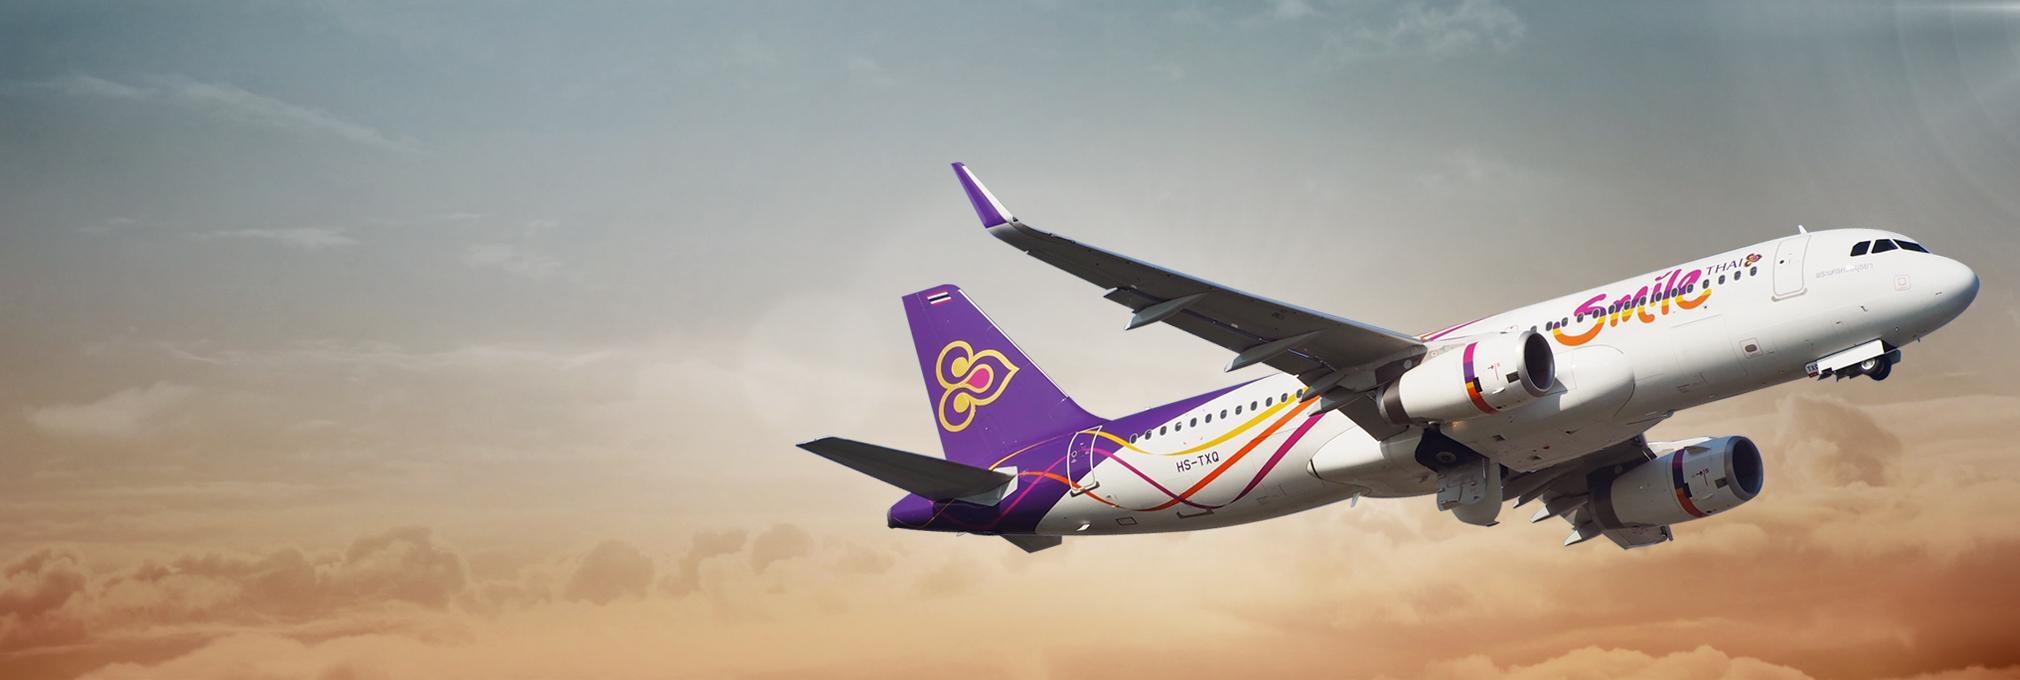 ภาพ: การบินไทยสมายล์